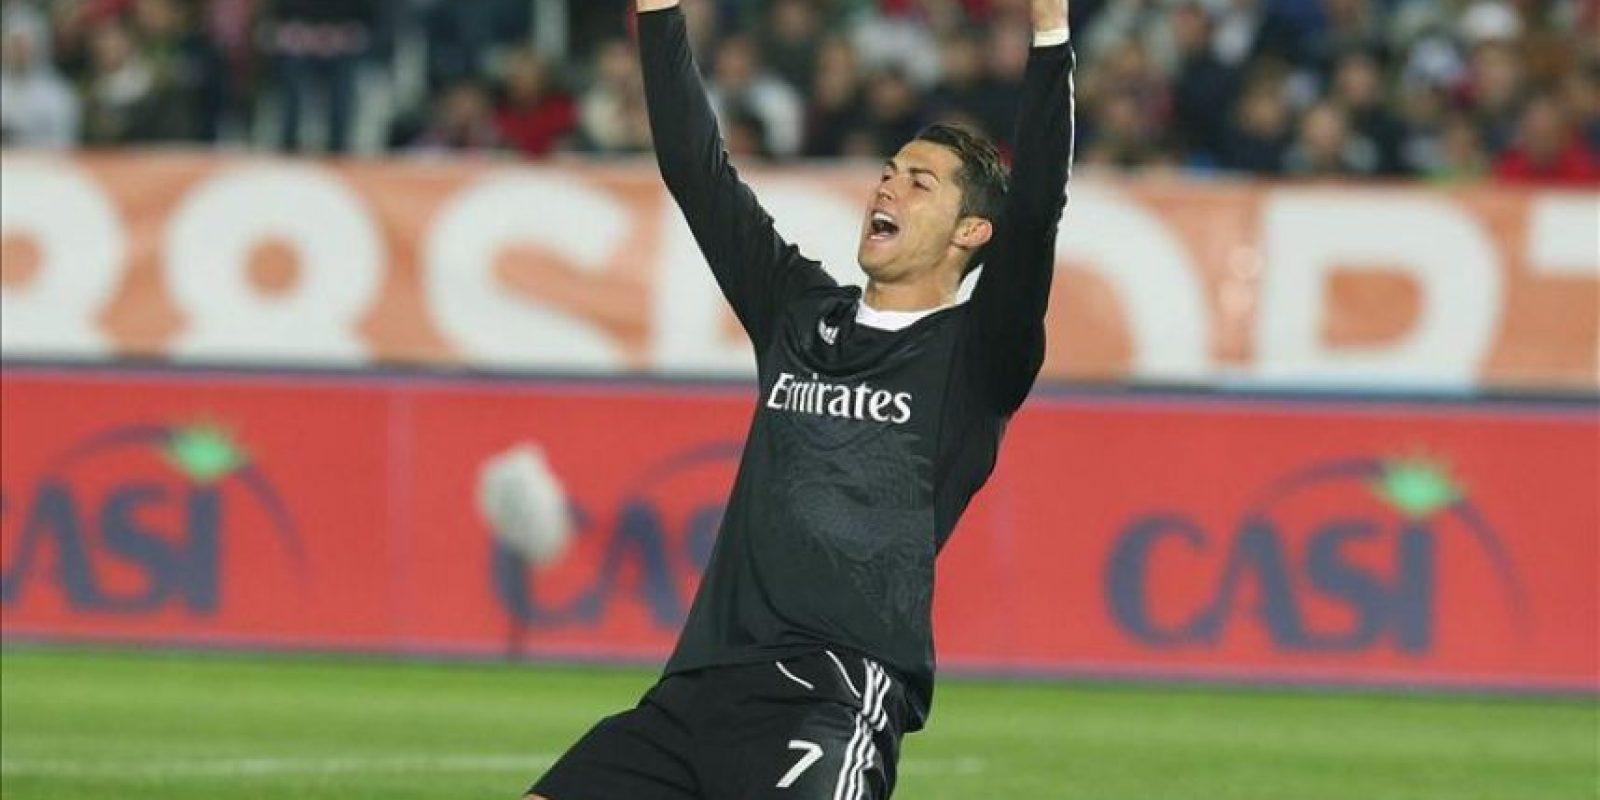 El jugador del Real Madrid, Cristiano Ronaldo, celebra un gol contra el Almería. EFE